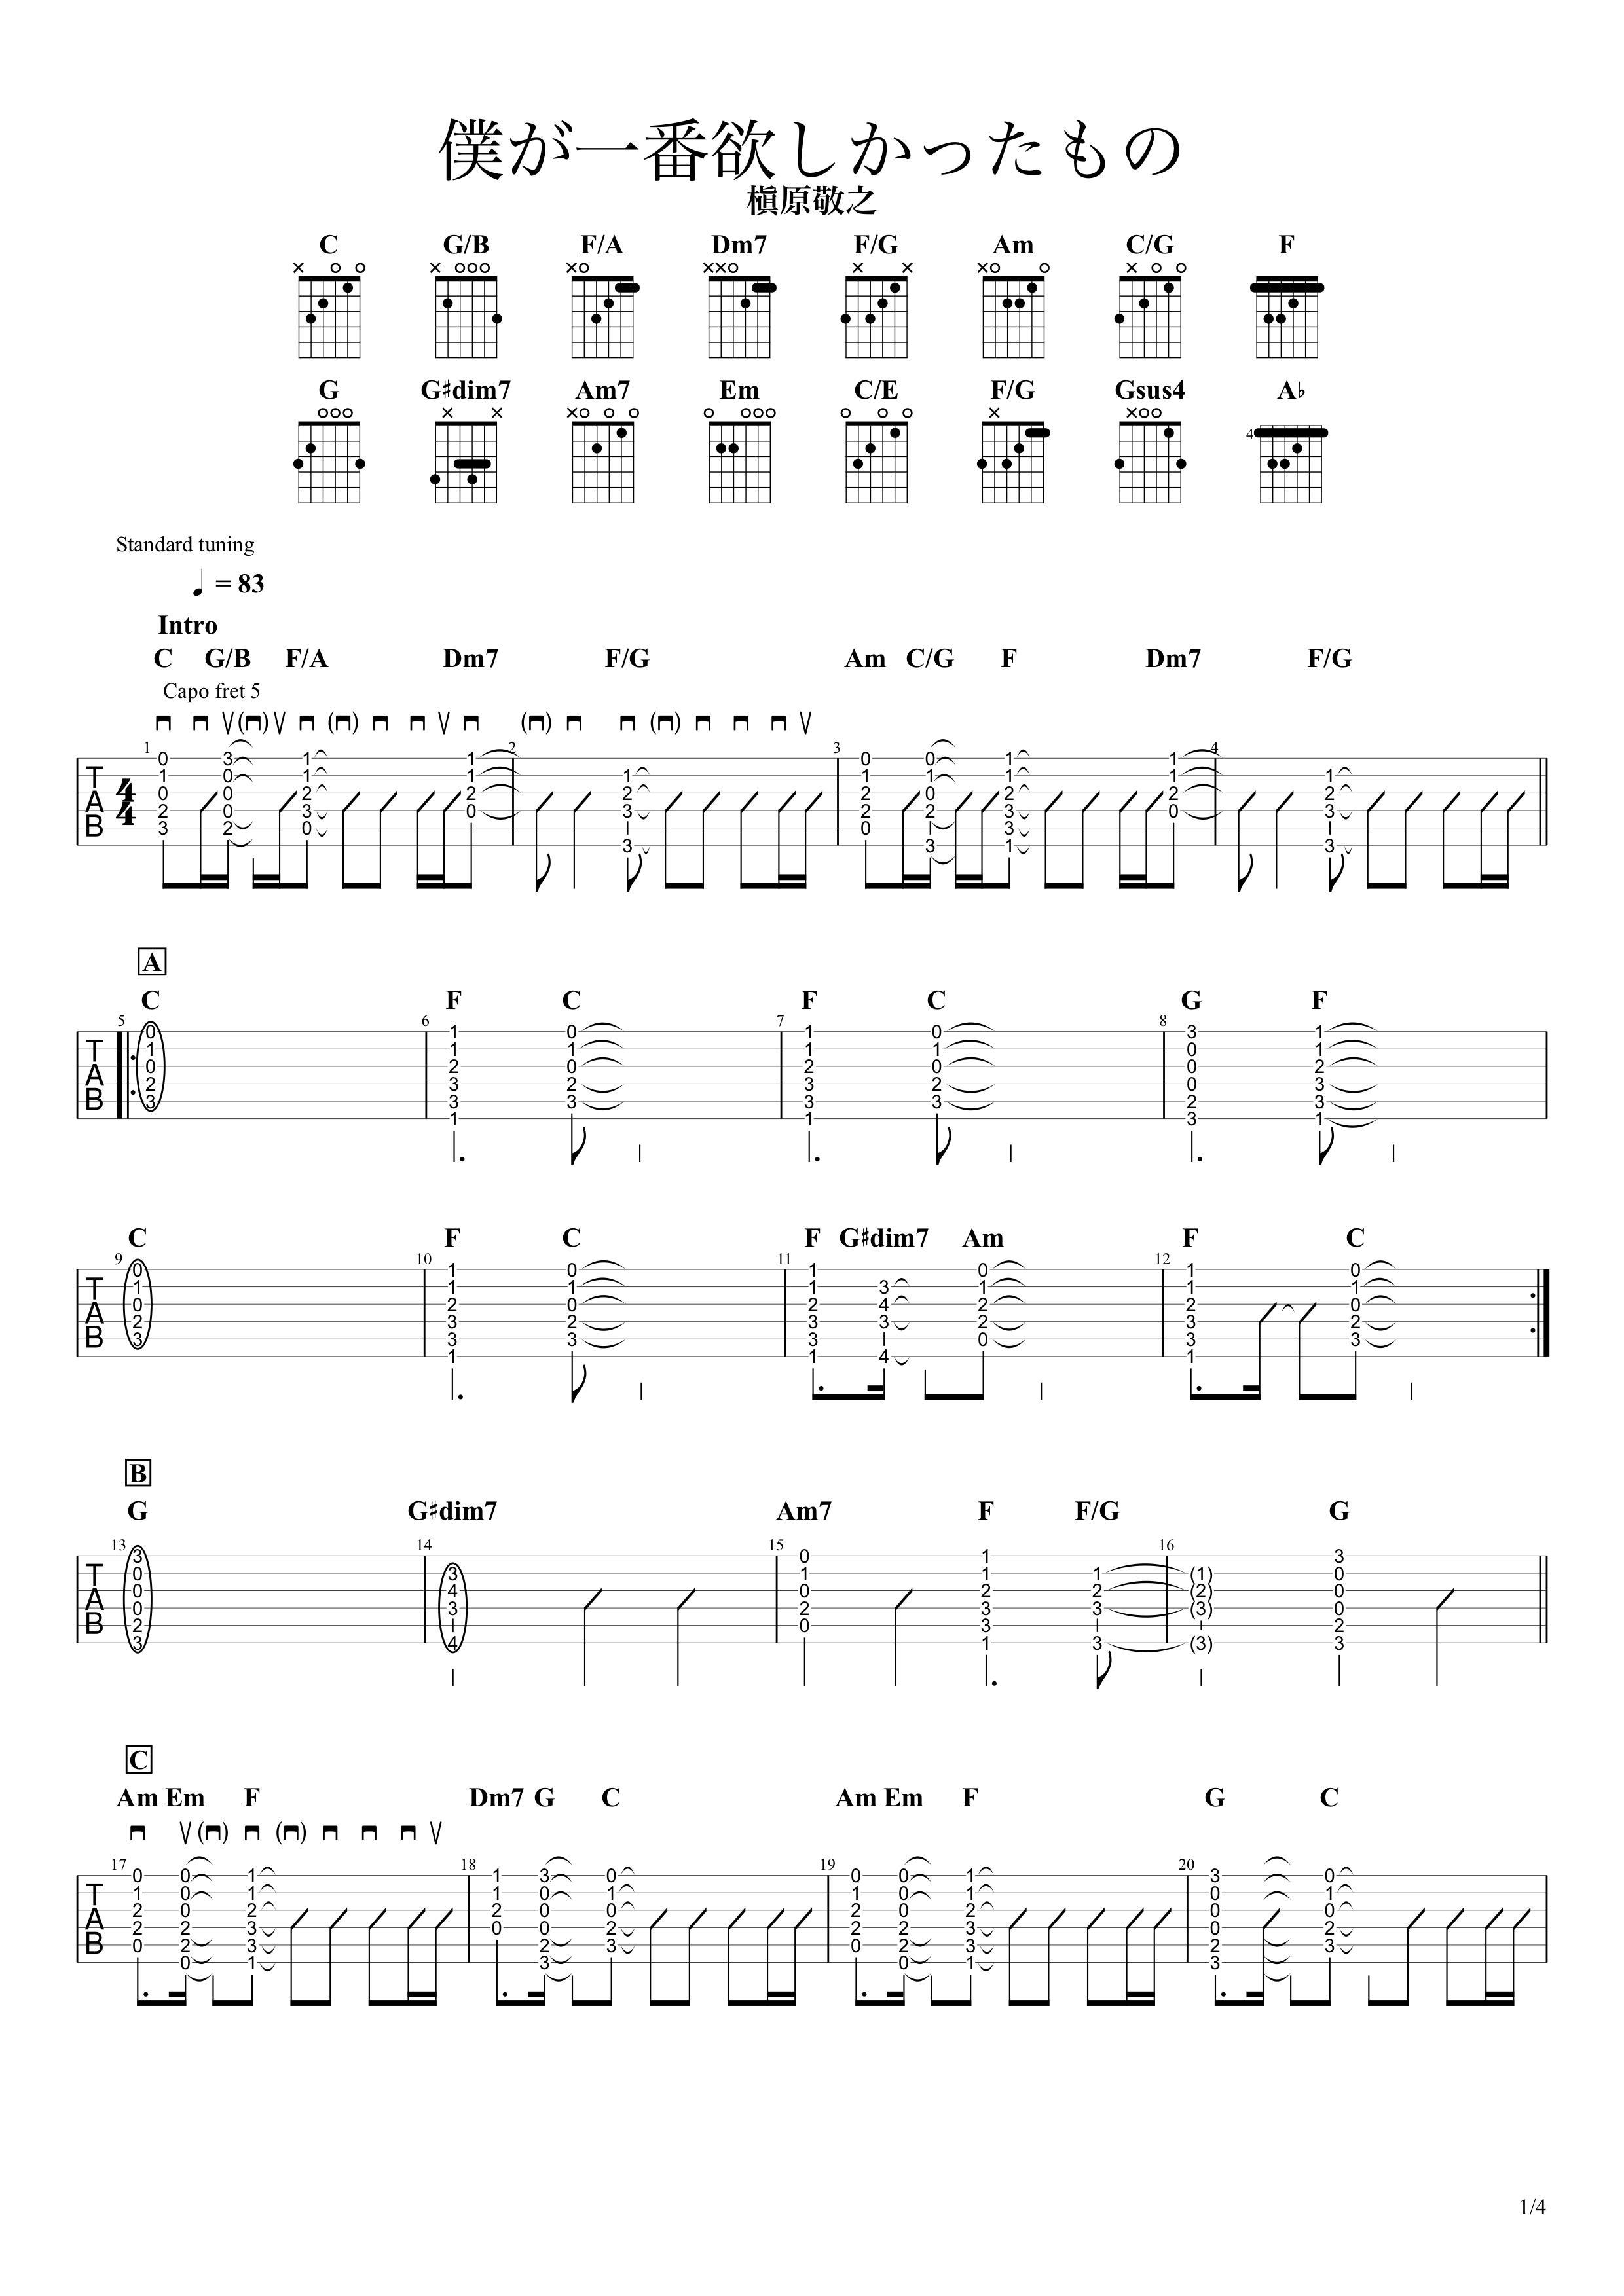 僕が一番欲しかったもの/槇原敬之 ギタータブ譜 コードストロークで弾くVer.01